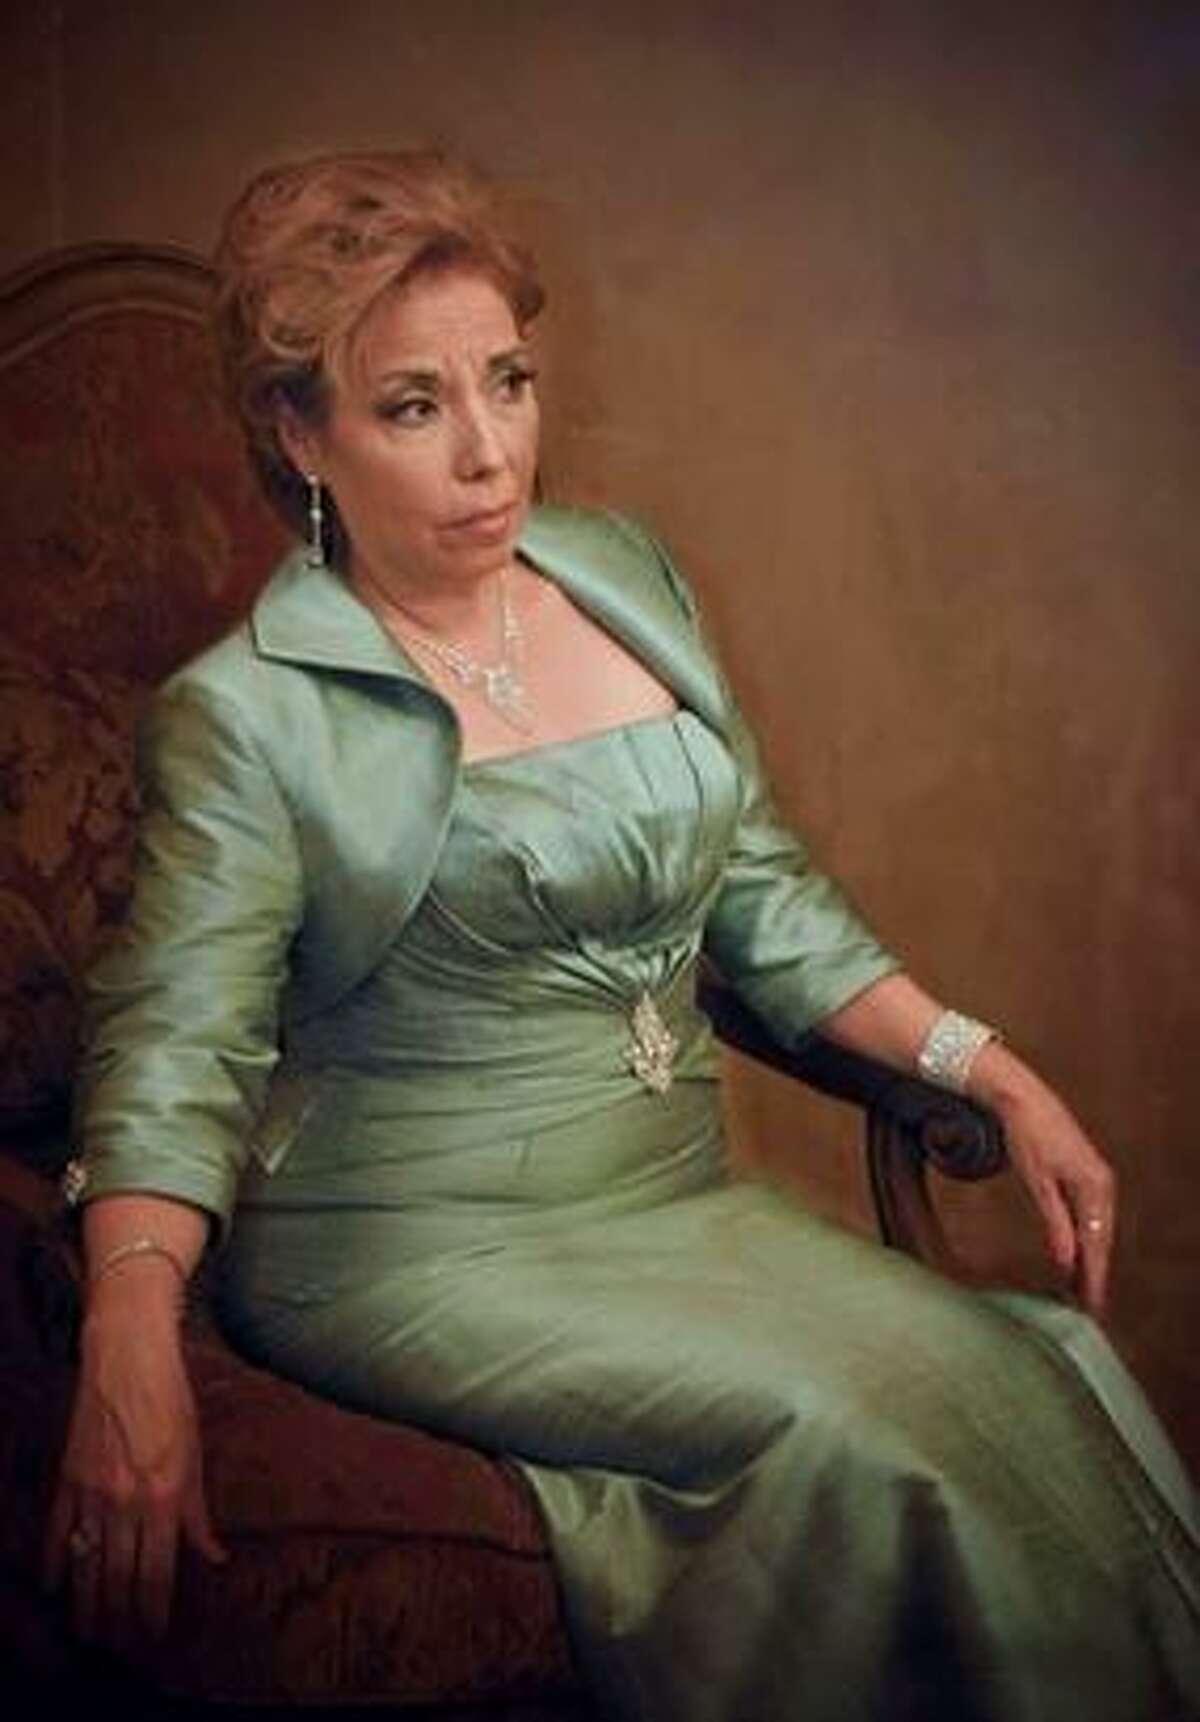 Cynthia (Cindy) Ann Ruiz